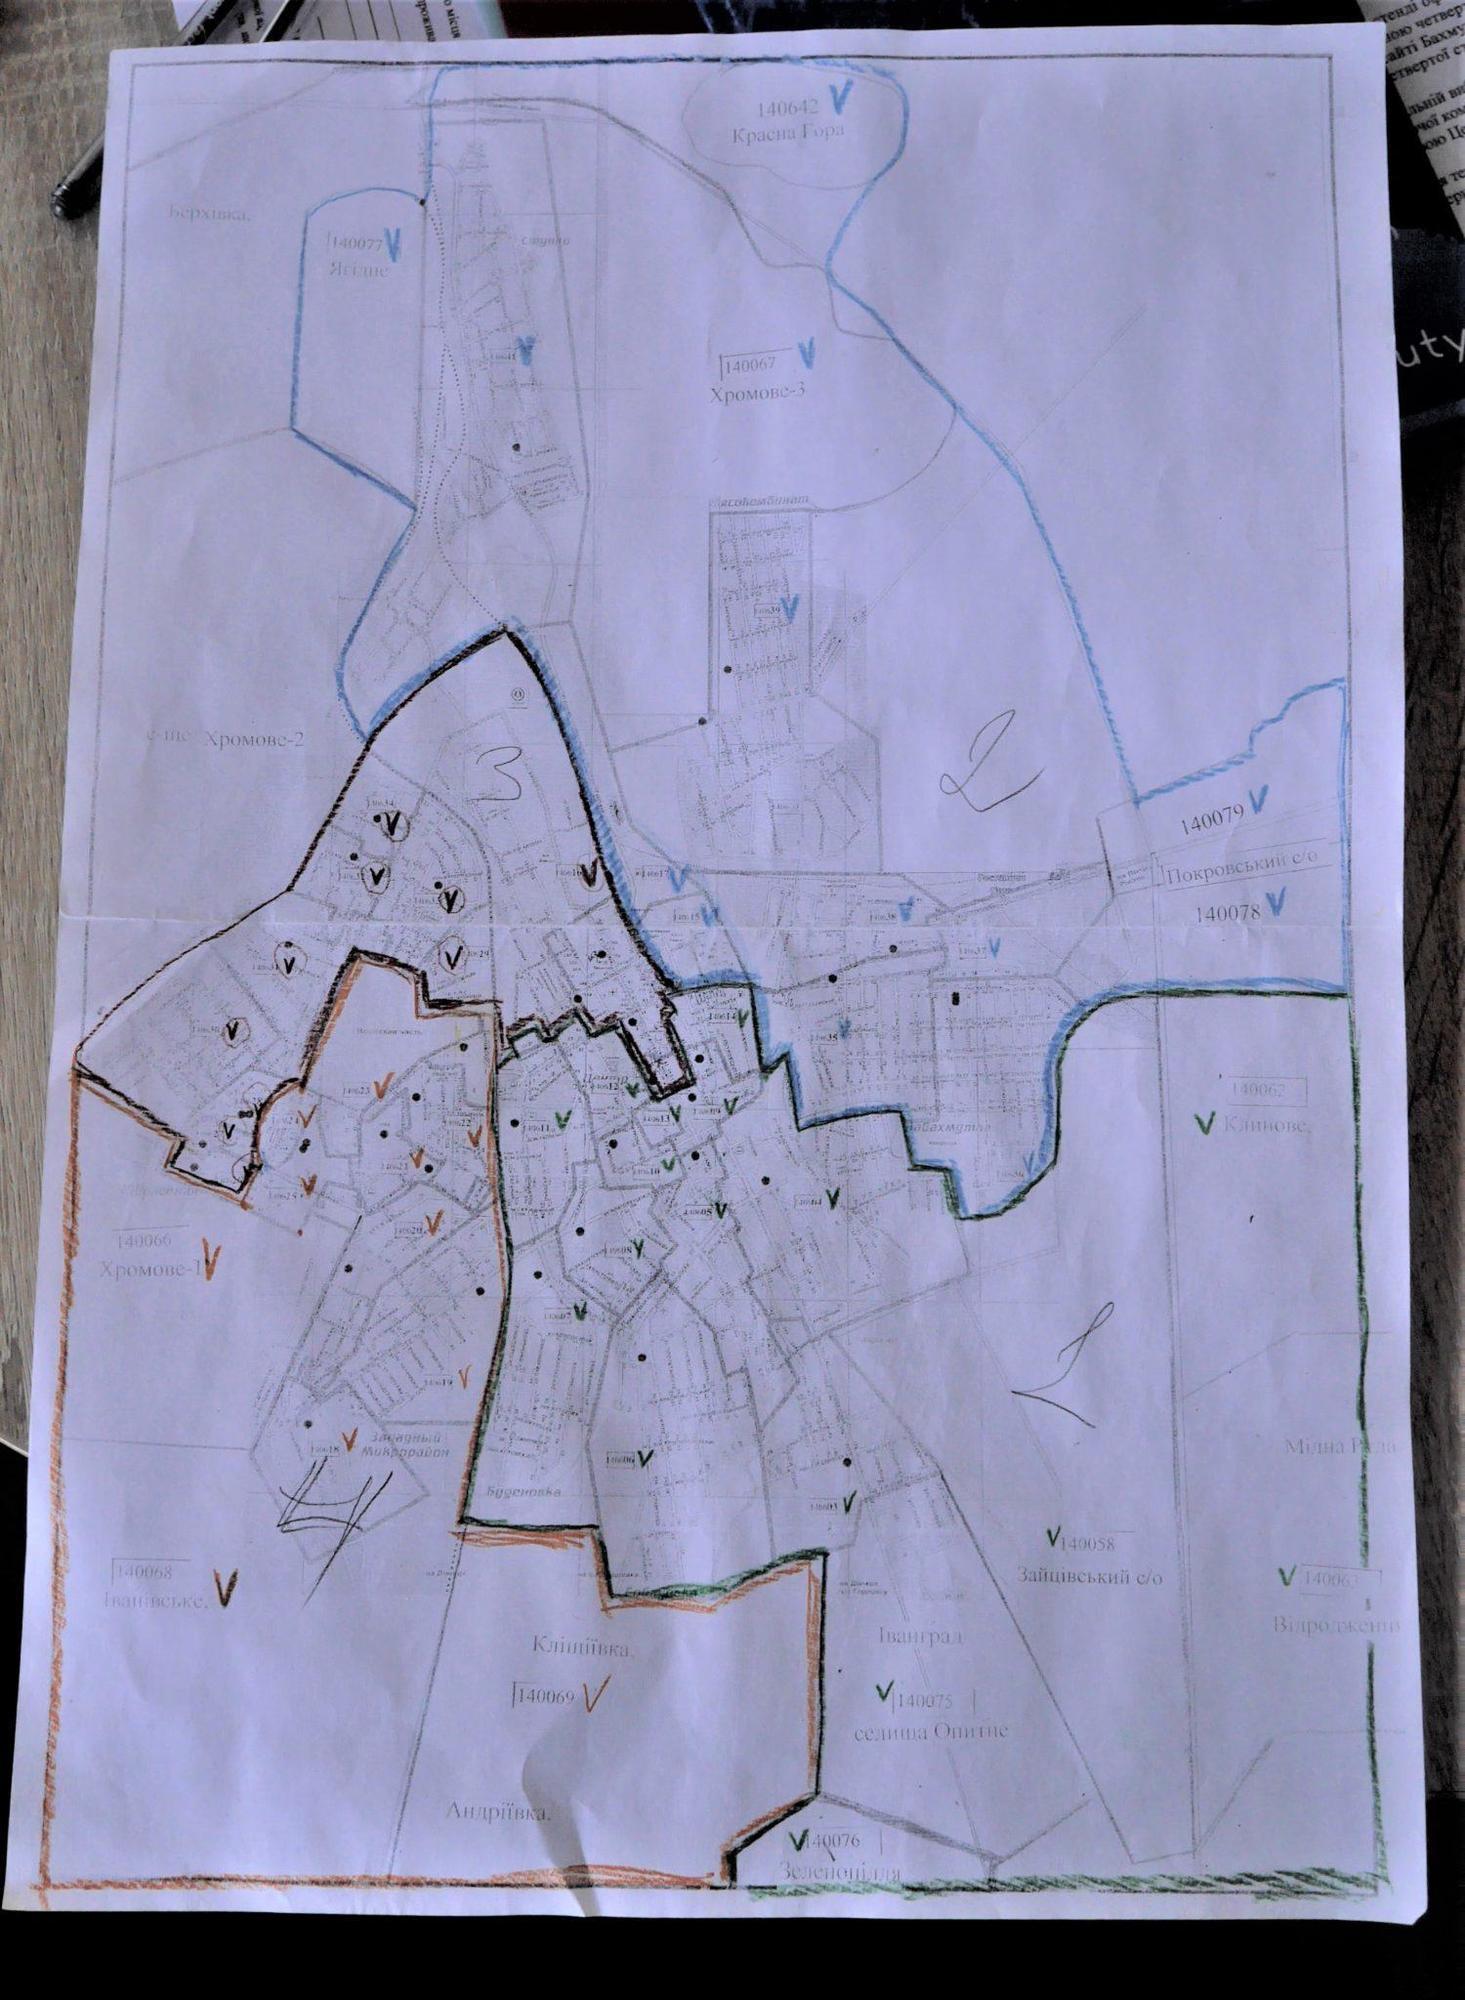 46 виборчий округ Бахмутська міська ОТГ мапа карта дільниці